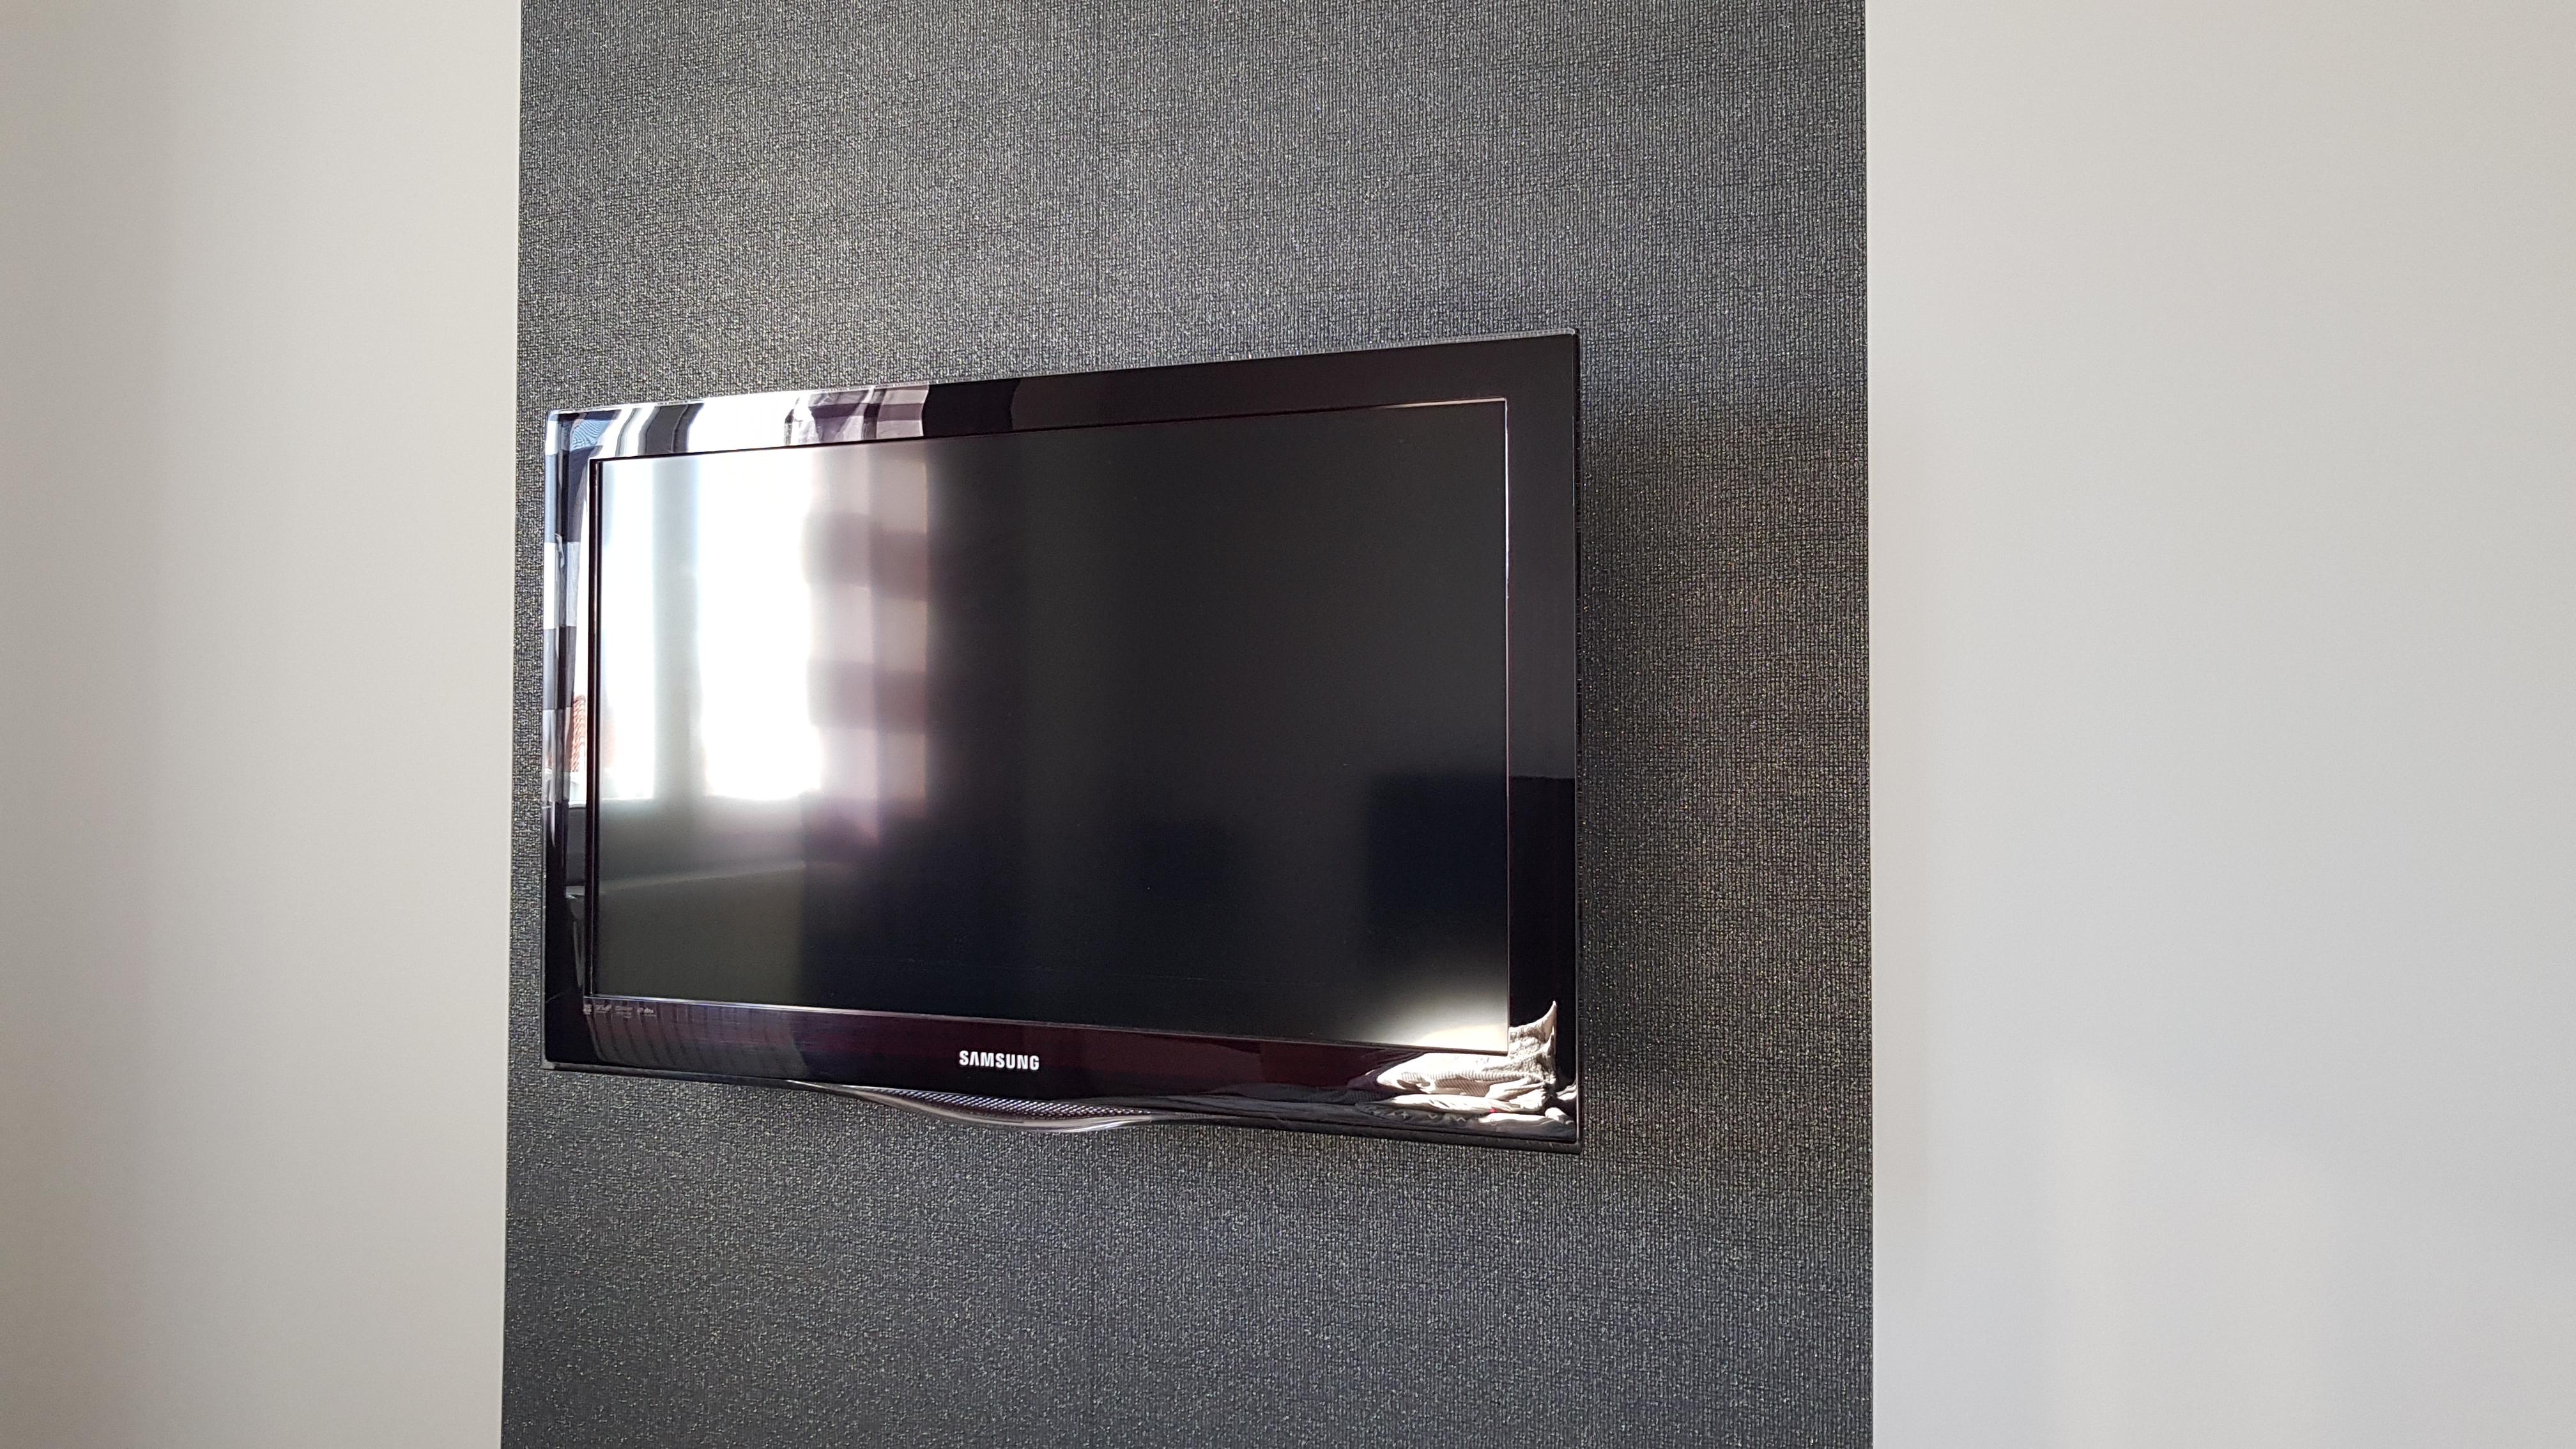 La TV dans ma chambre : sans câble apparent, sans meuble et connectée à un Raspberry Pi